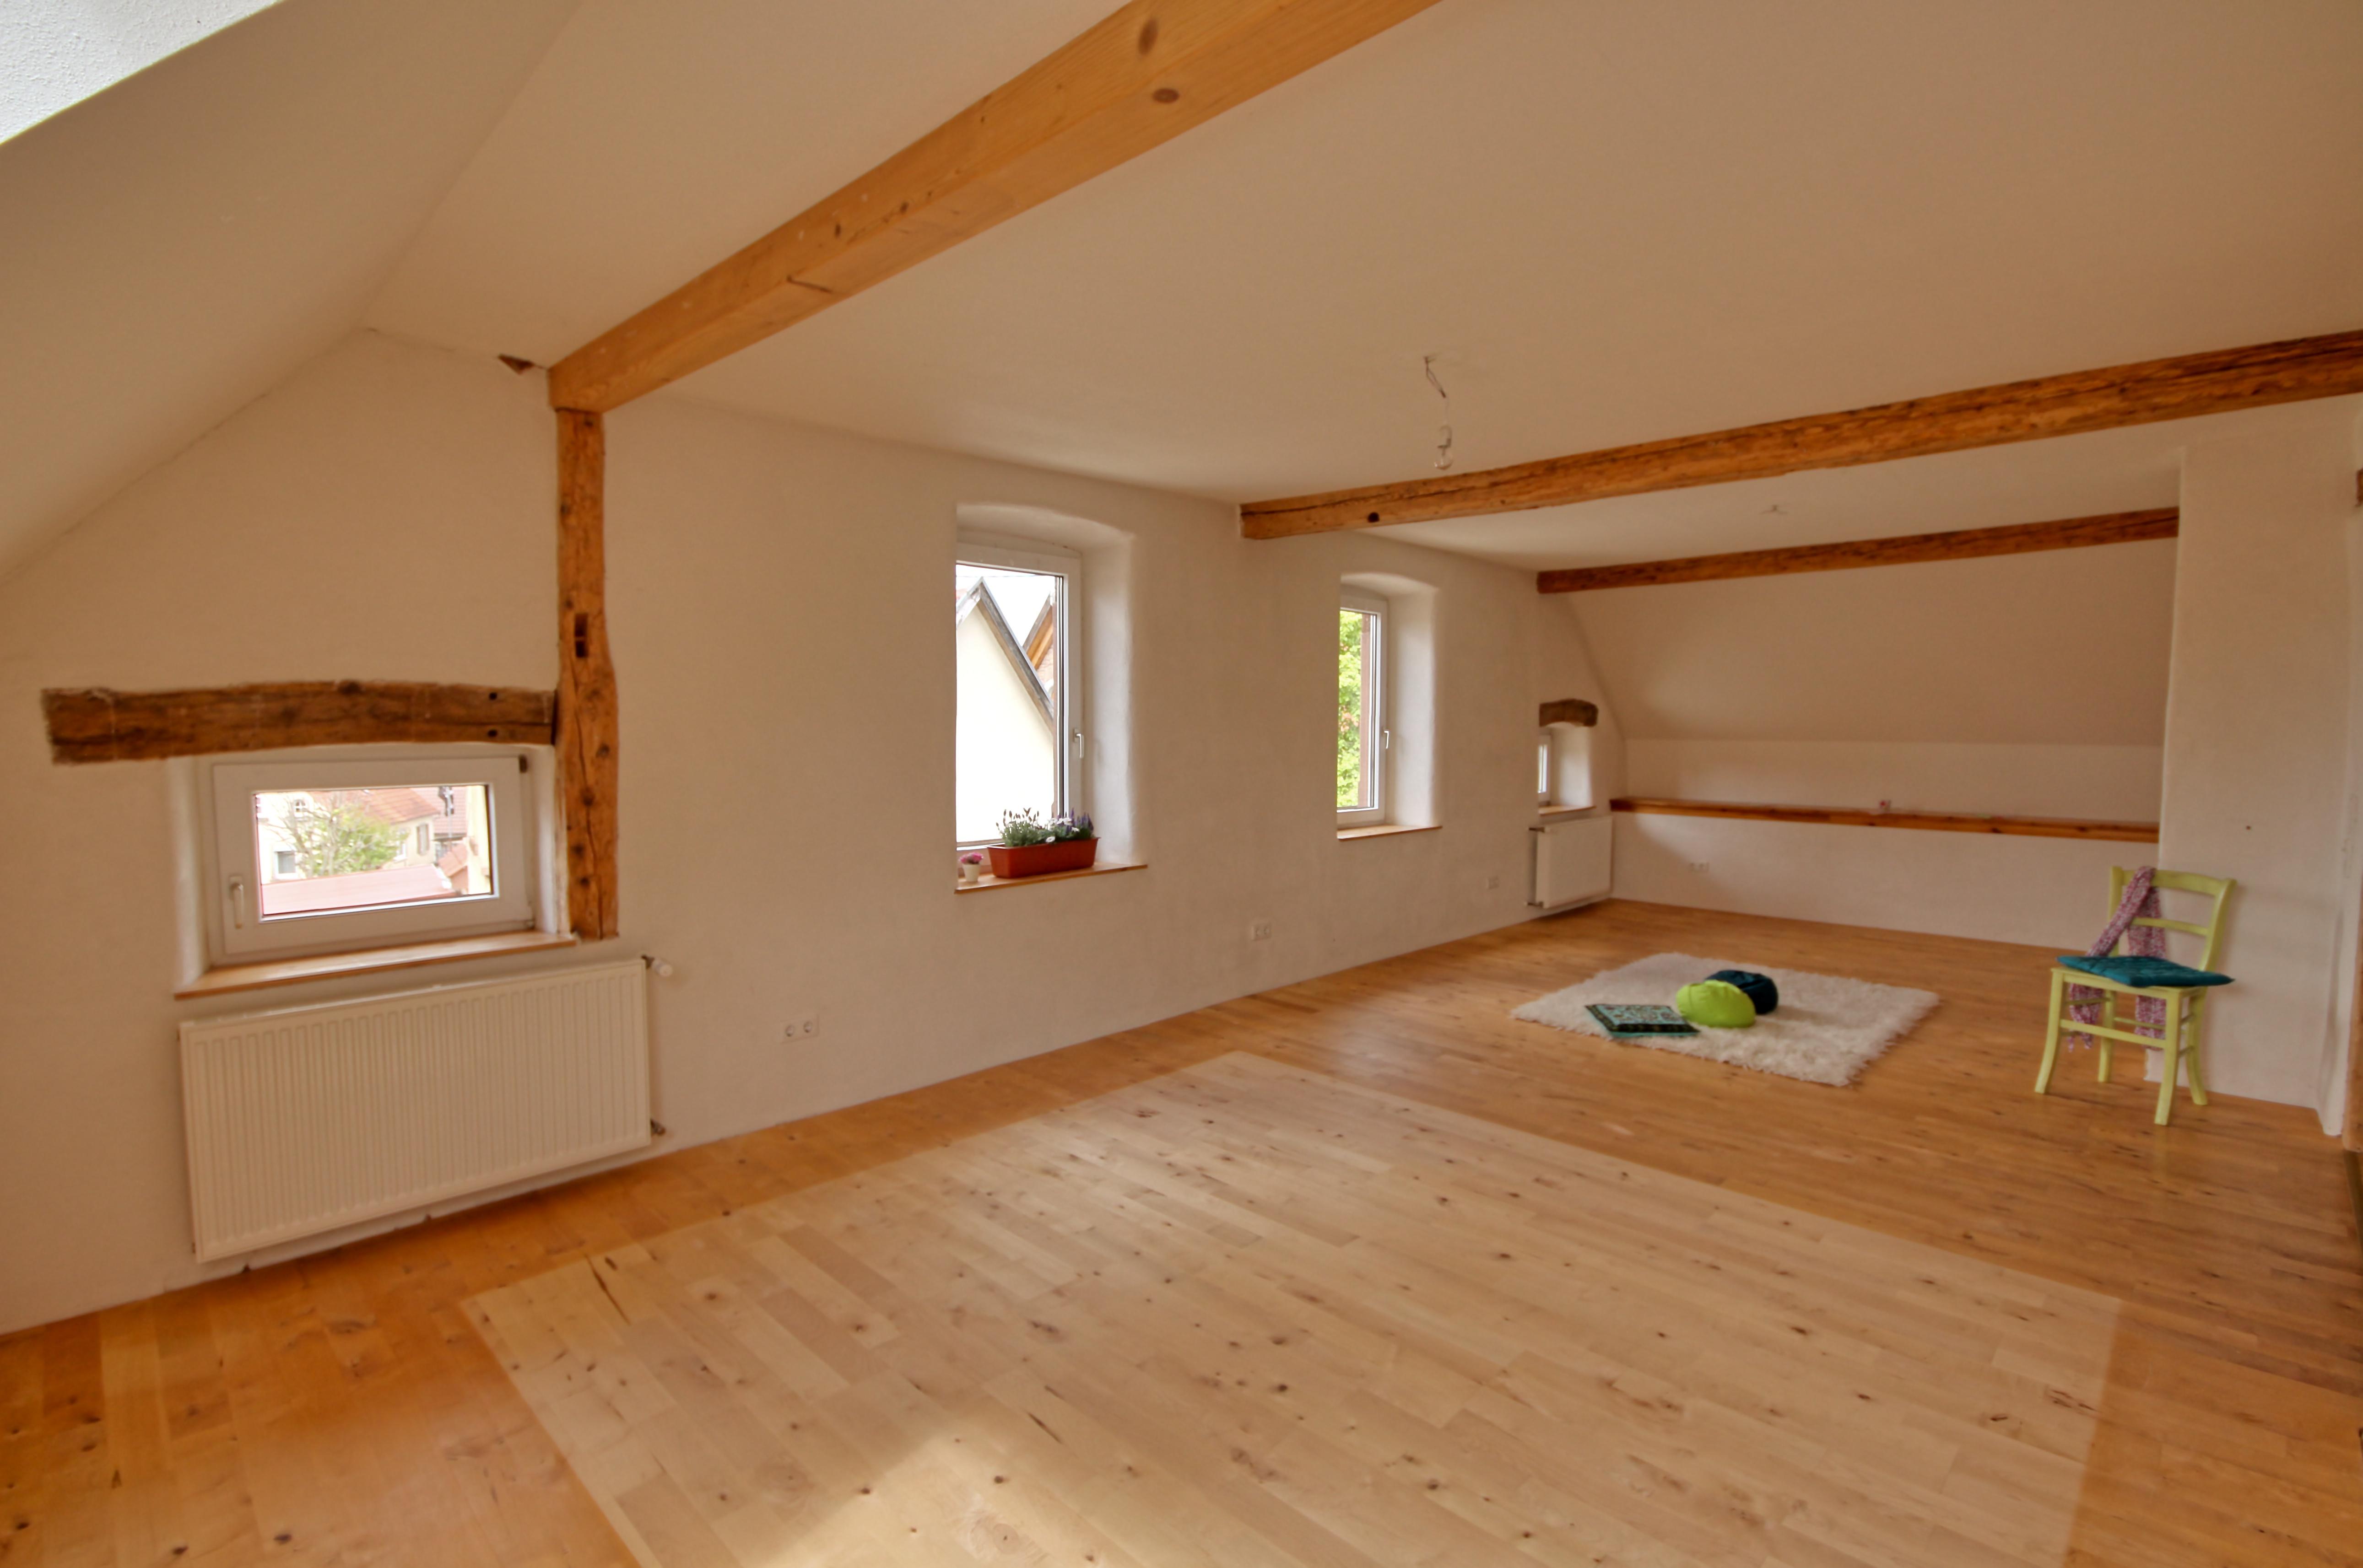 obere wohnung leben im urlaub. Black Bedroom Furniture Sets. Home Design Ideas